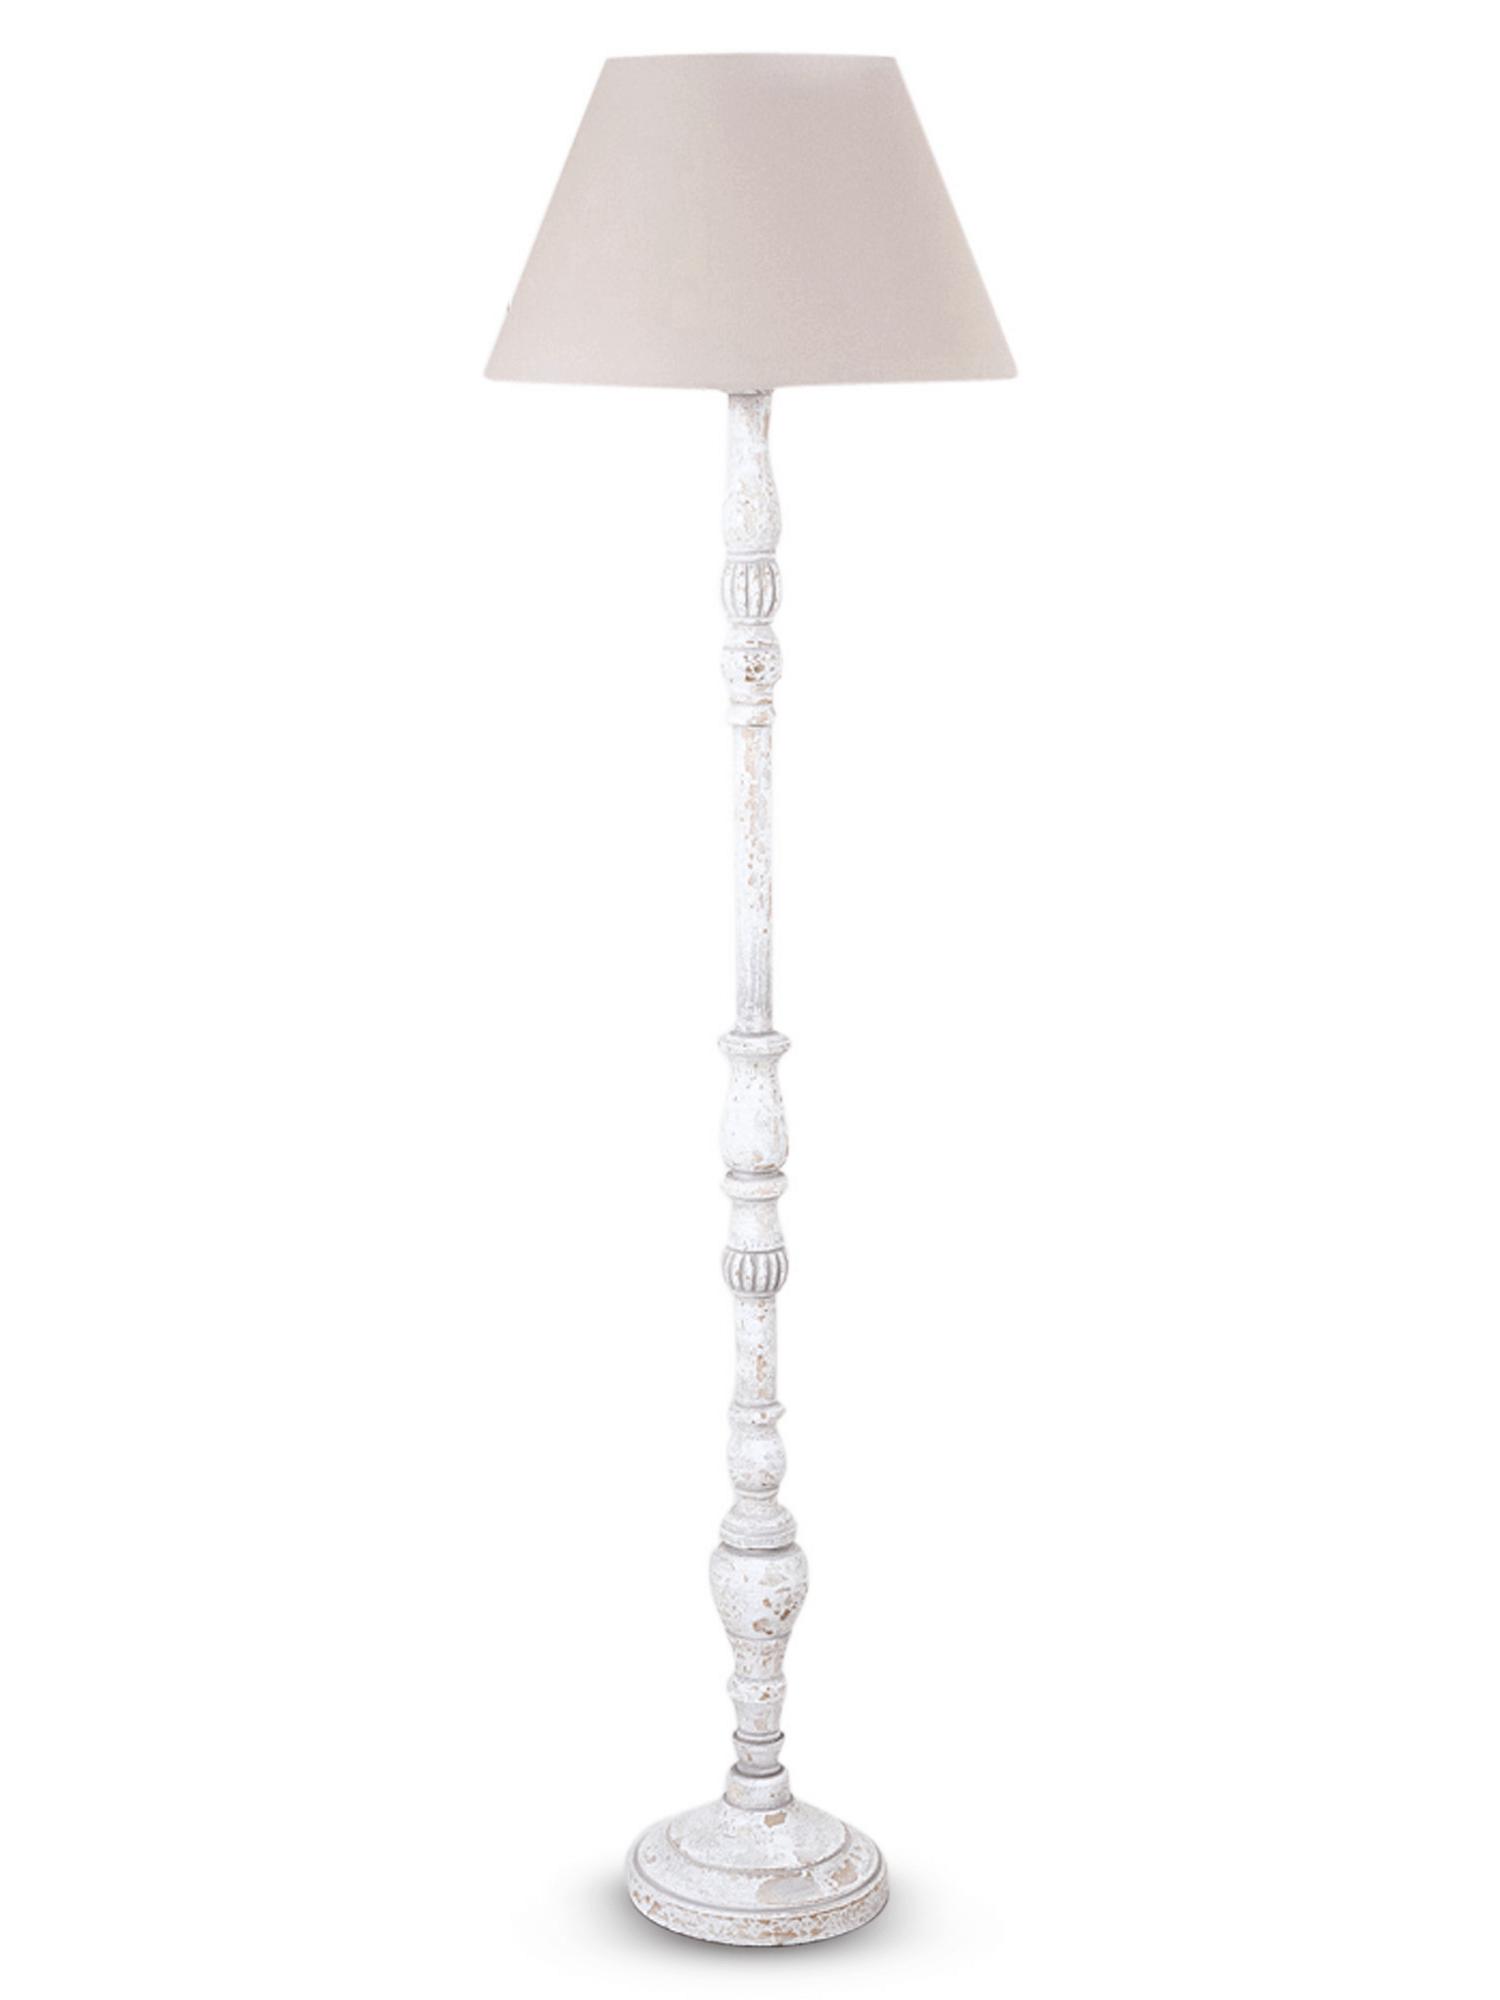 New elegant white wooden floor lamp living room ideas pinterest white wooden floor wooden for Elegant floor lamps for living room